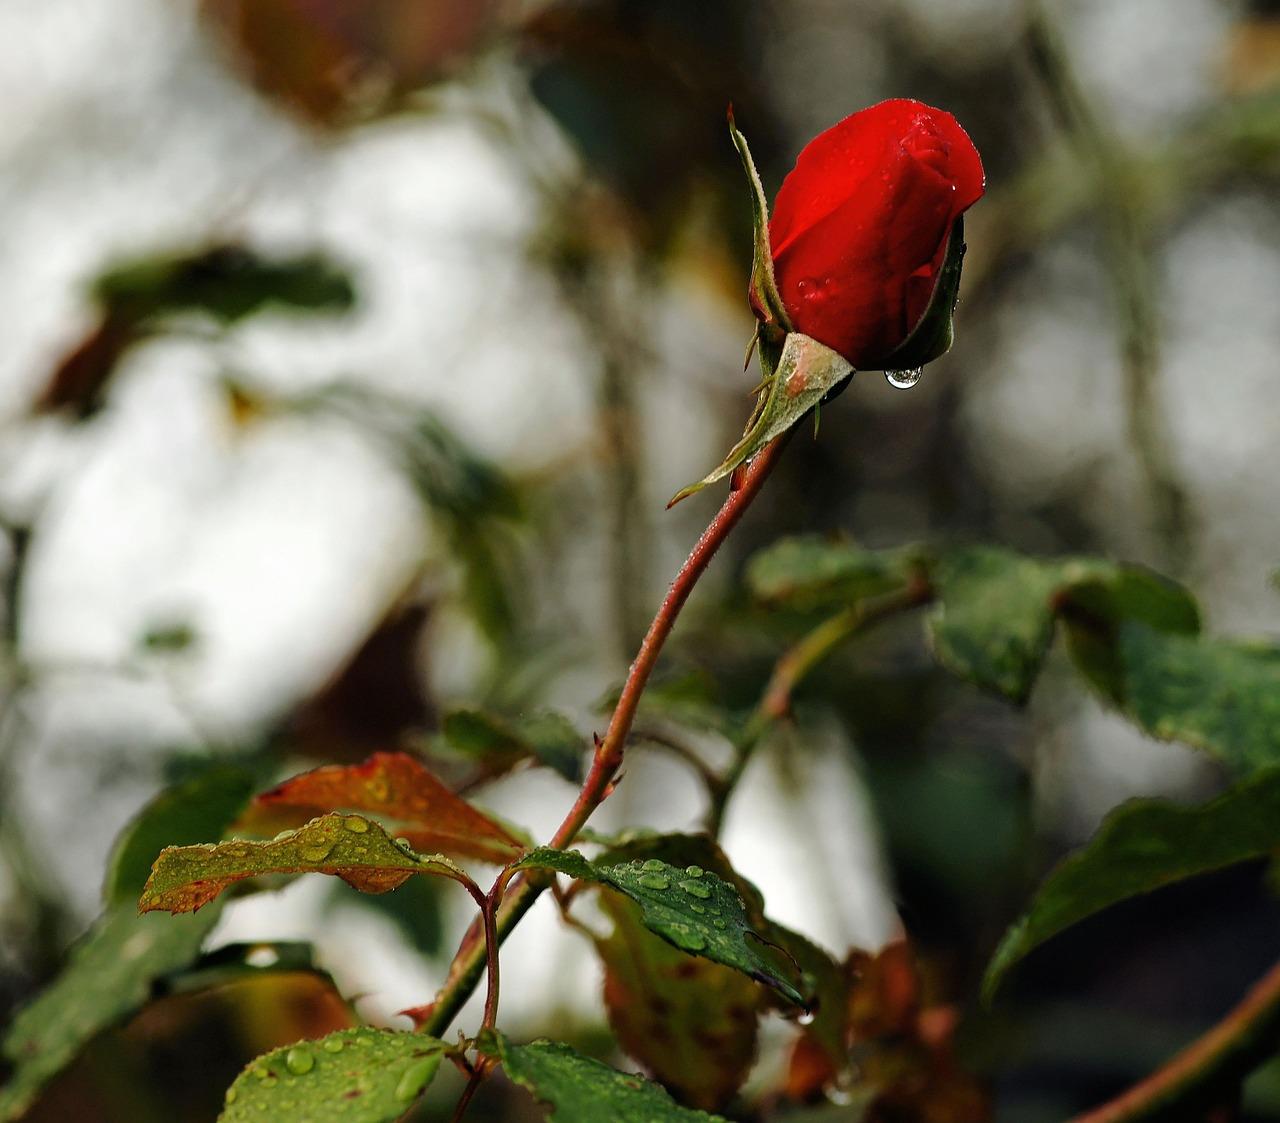 くれ ない の 二 尺 伸び たる 薔薇 の 芽 の 針 やわらか に 春雨 の ふる 意味 くれないの二尺のびたる薔薇の芽の針やはらかに春雨の降るこの短歌は...